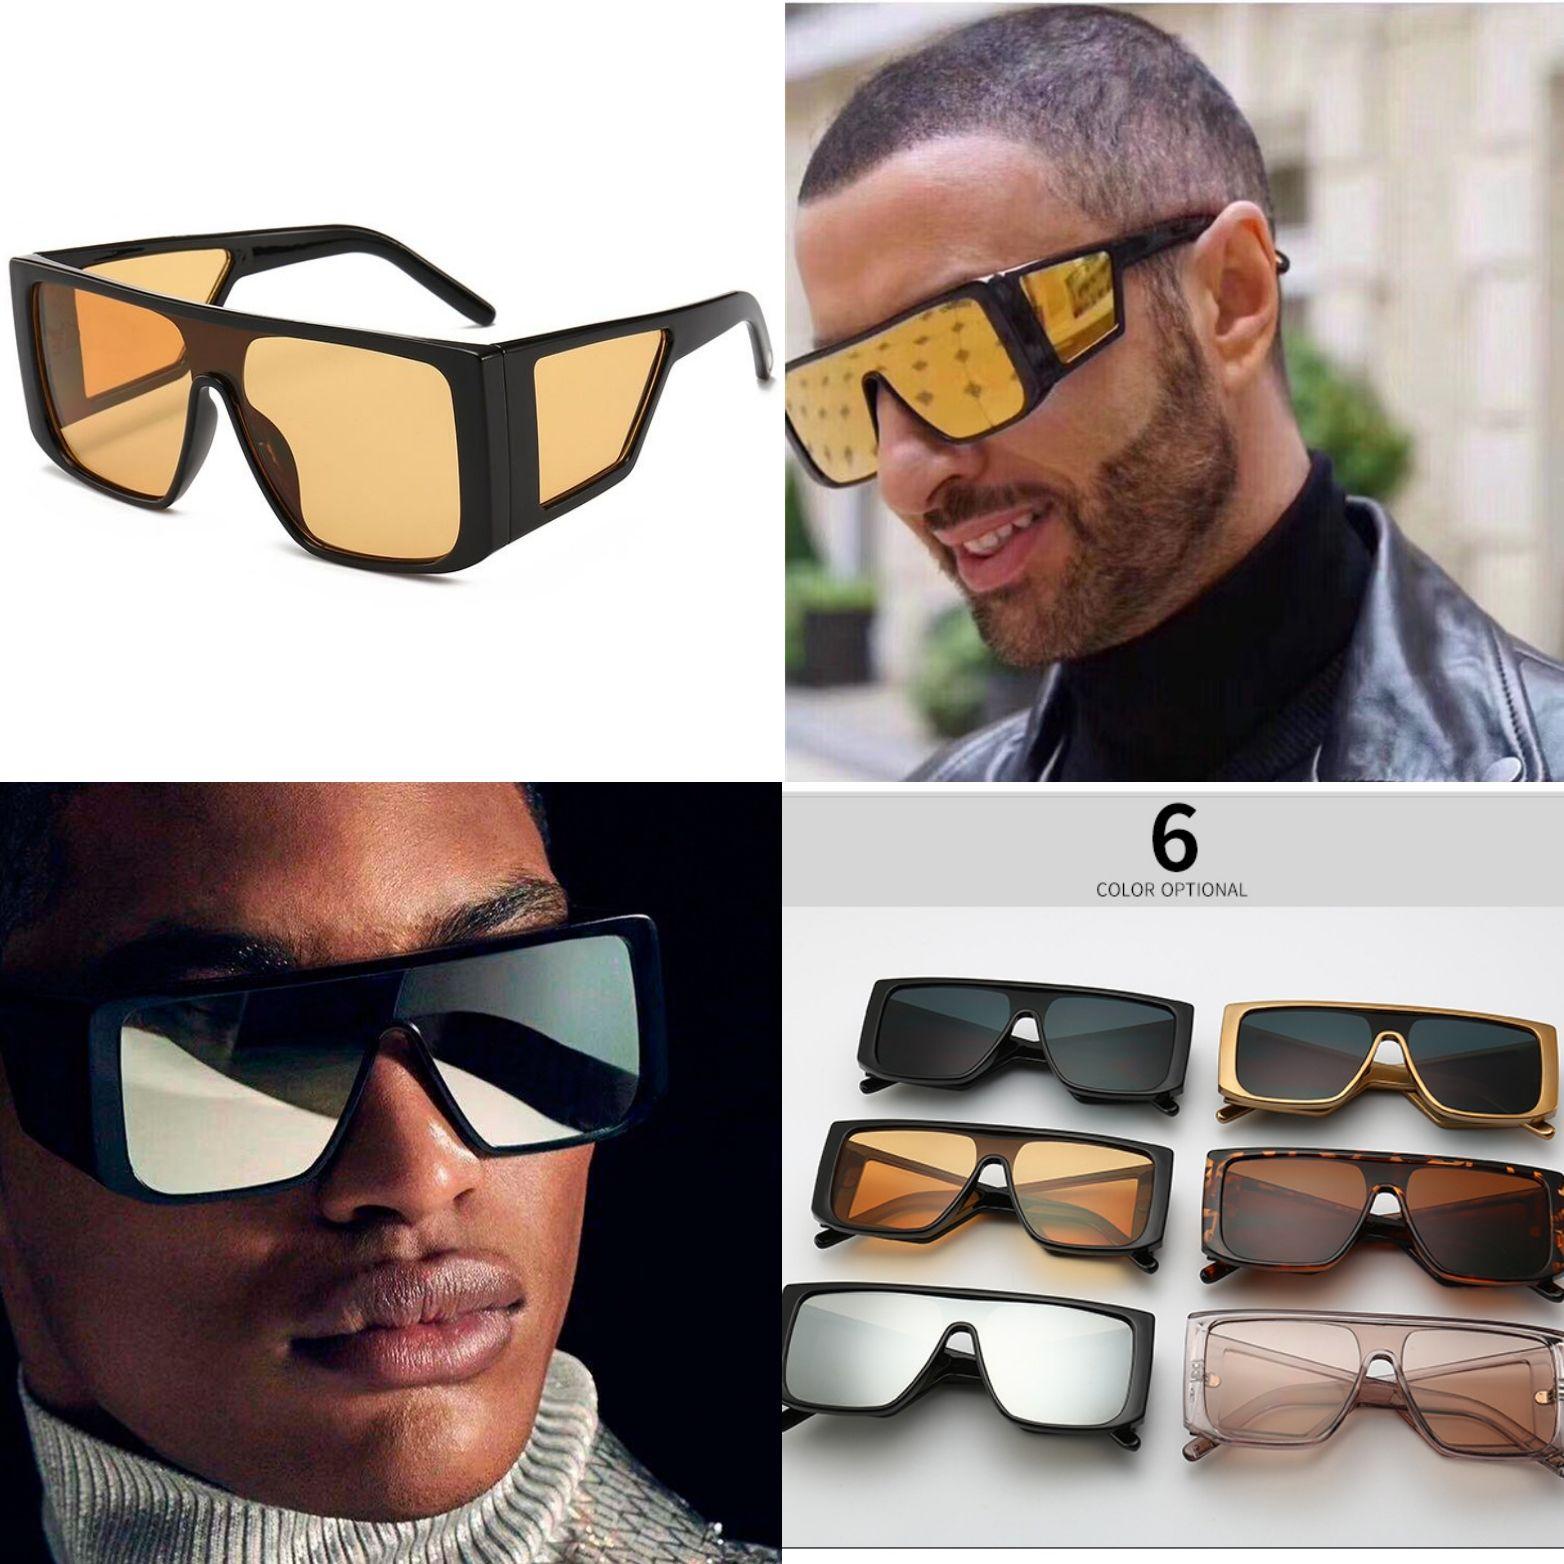 c47e12af337 HBK Big Frame Square Sunglasses Men Oversized Fashion Sun Glasses for Women  High Quality Sport Gafa oculos de sol feminino UV400